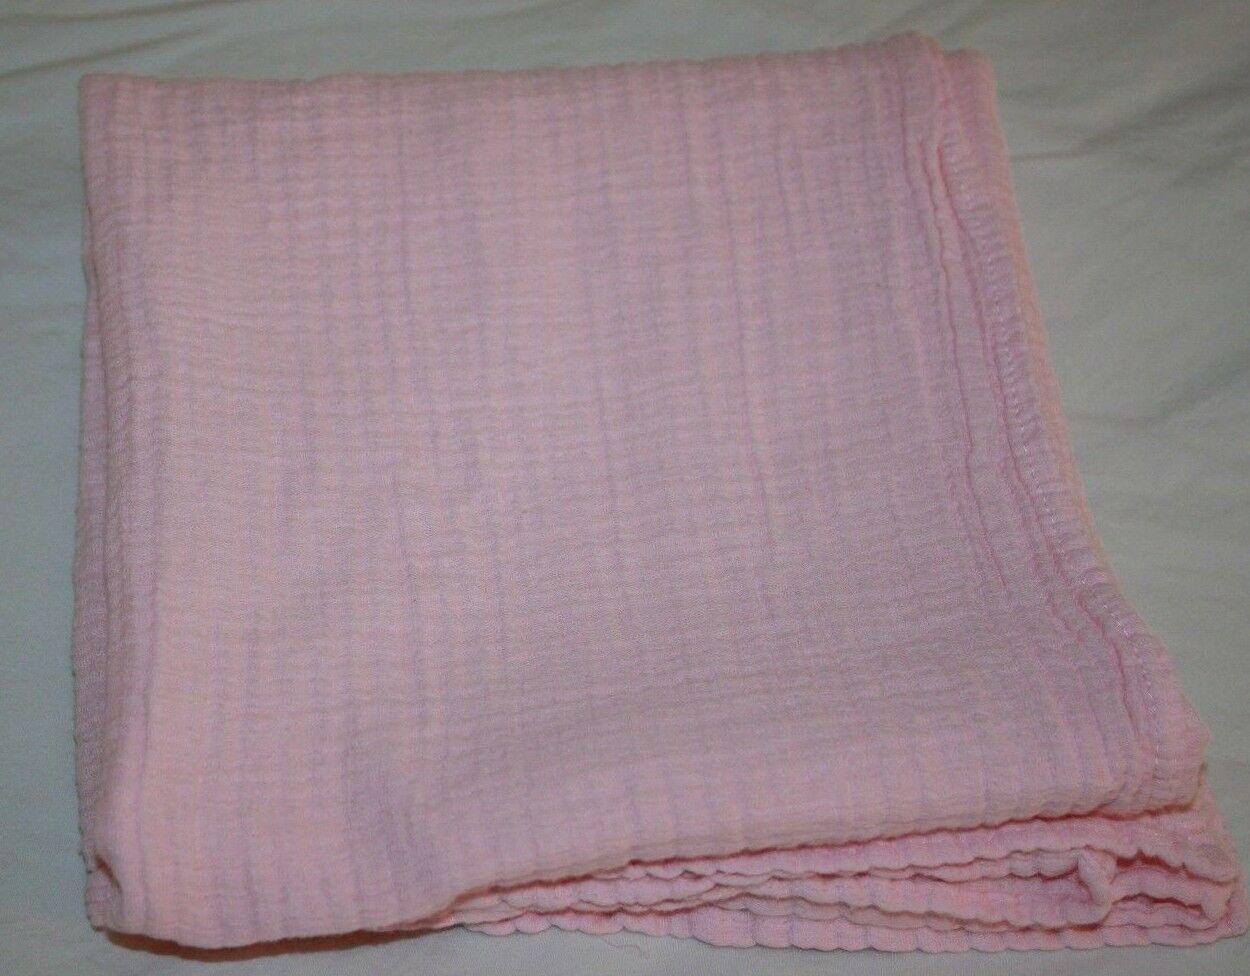 Koala Baby GIRLS Cotton Baby Receiving Blanket PINK MUSLIN Gauze Swaddling Lovey - $17.32